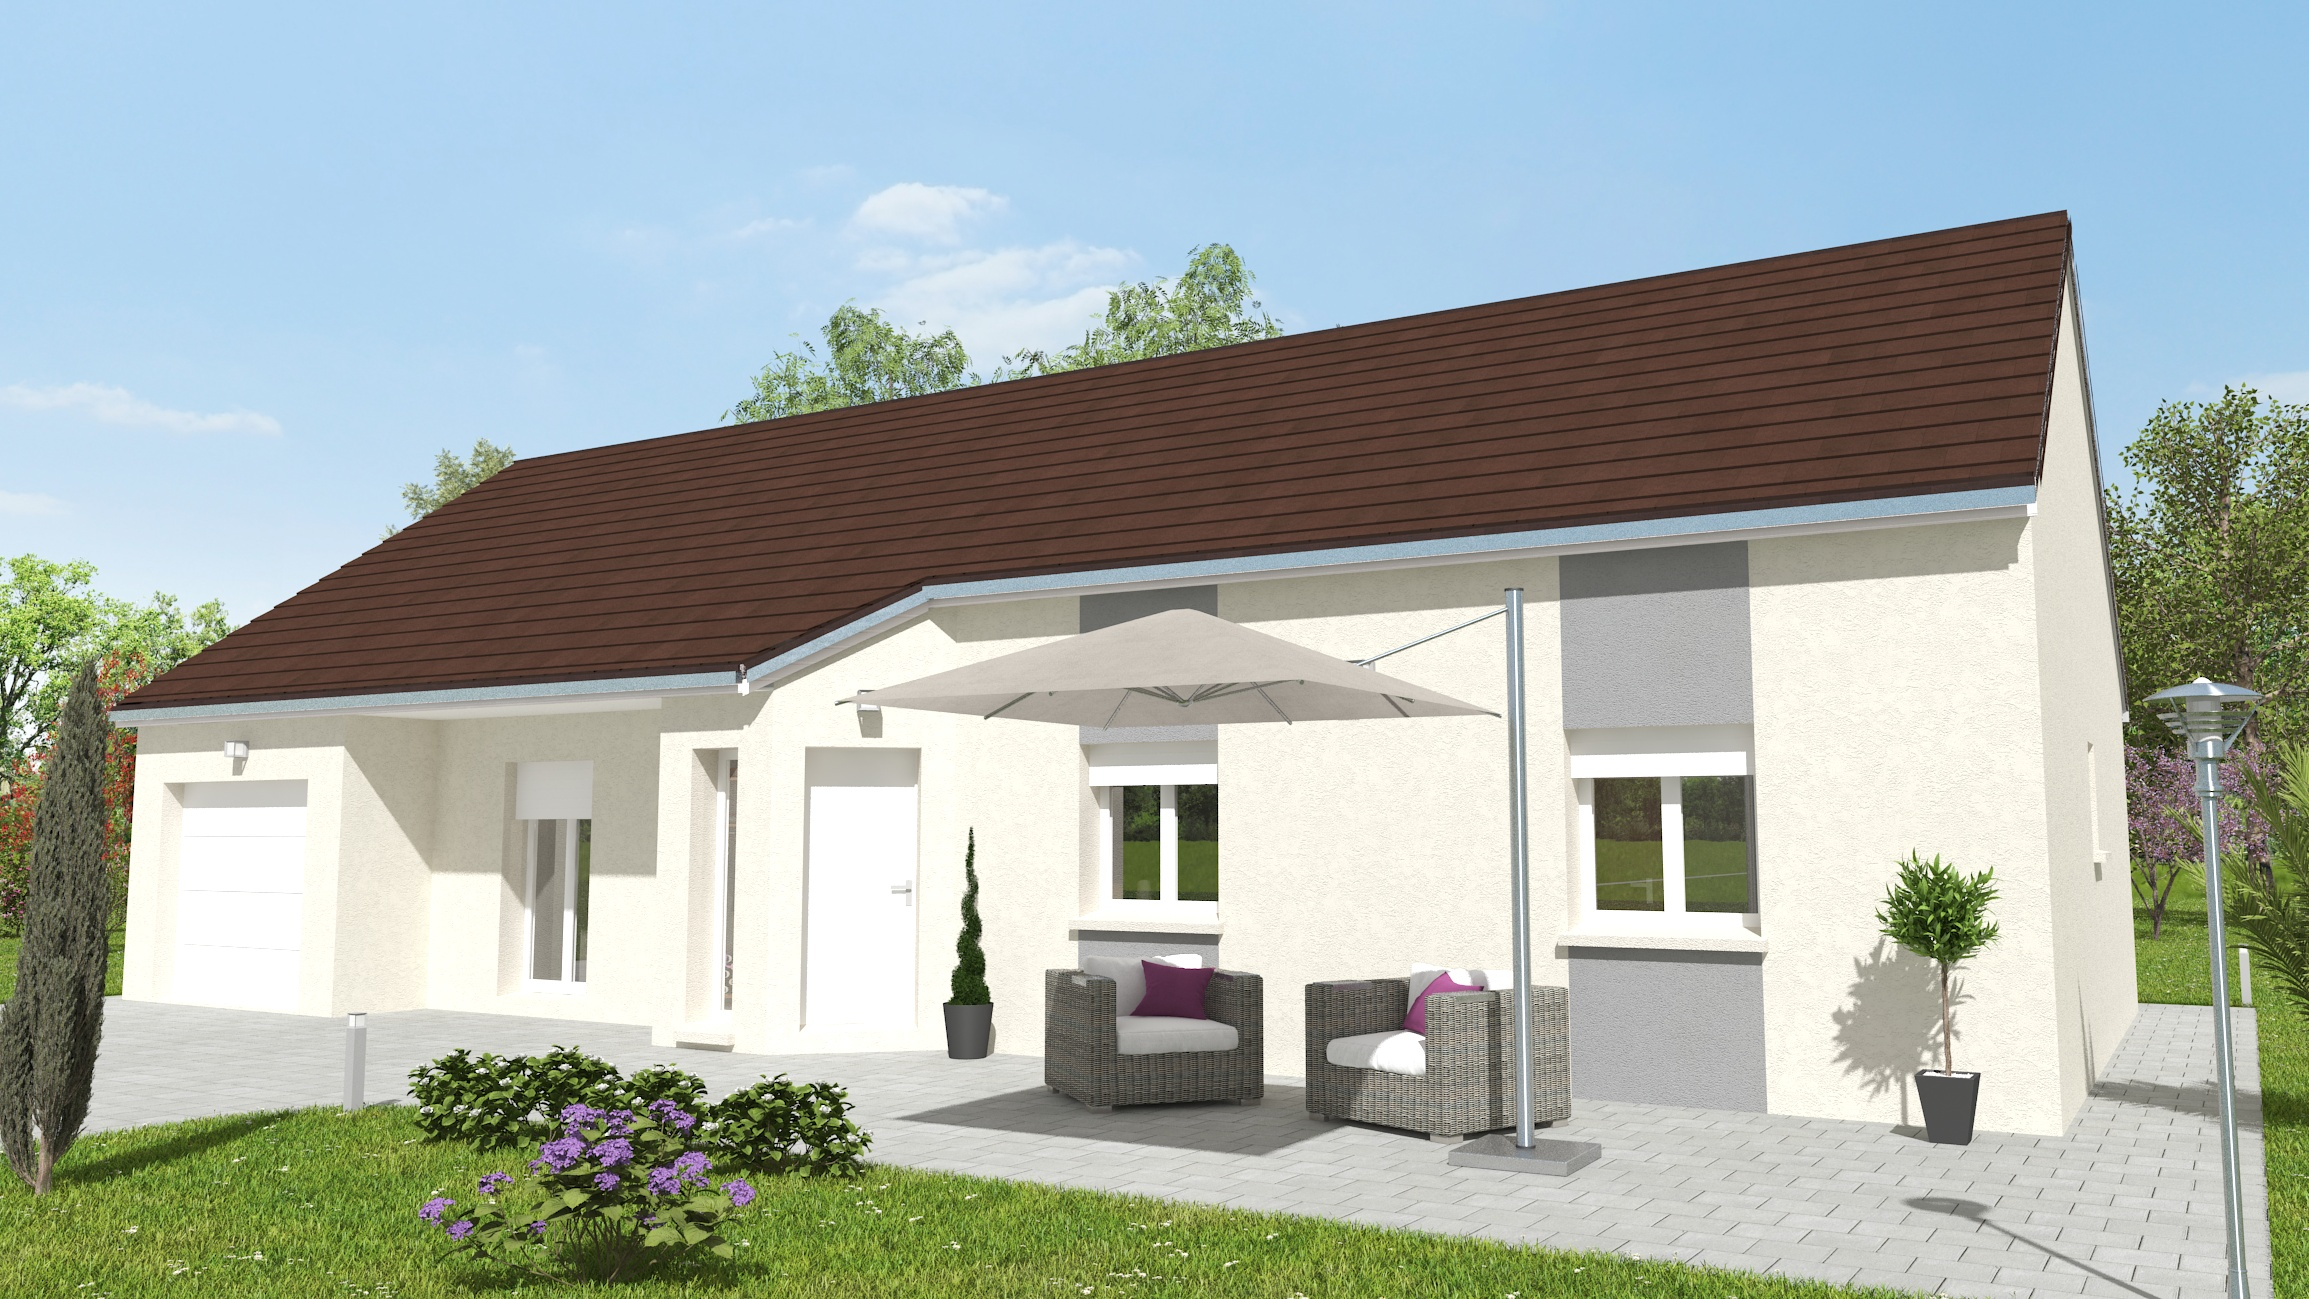 Bourgogne Bâtir constructeur de maison individuelle Chalon sur Saône